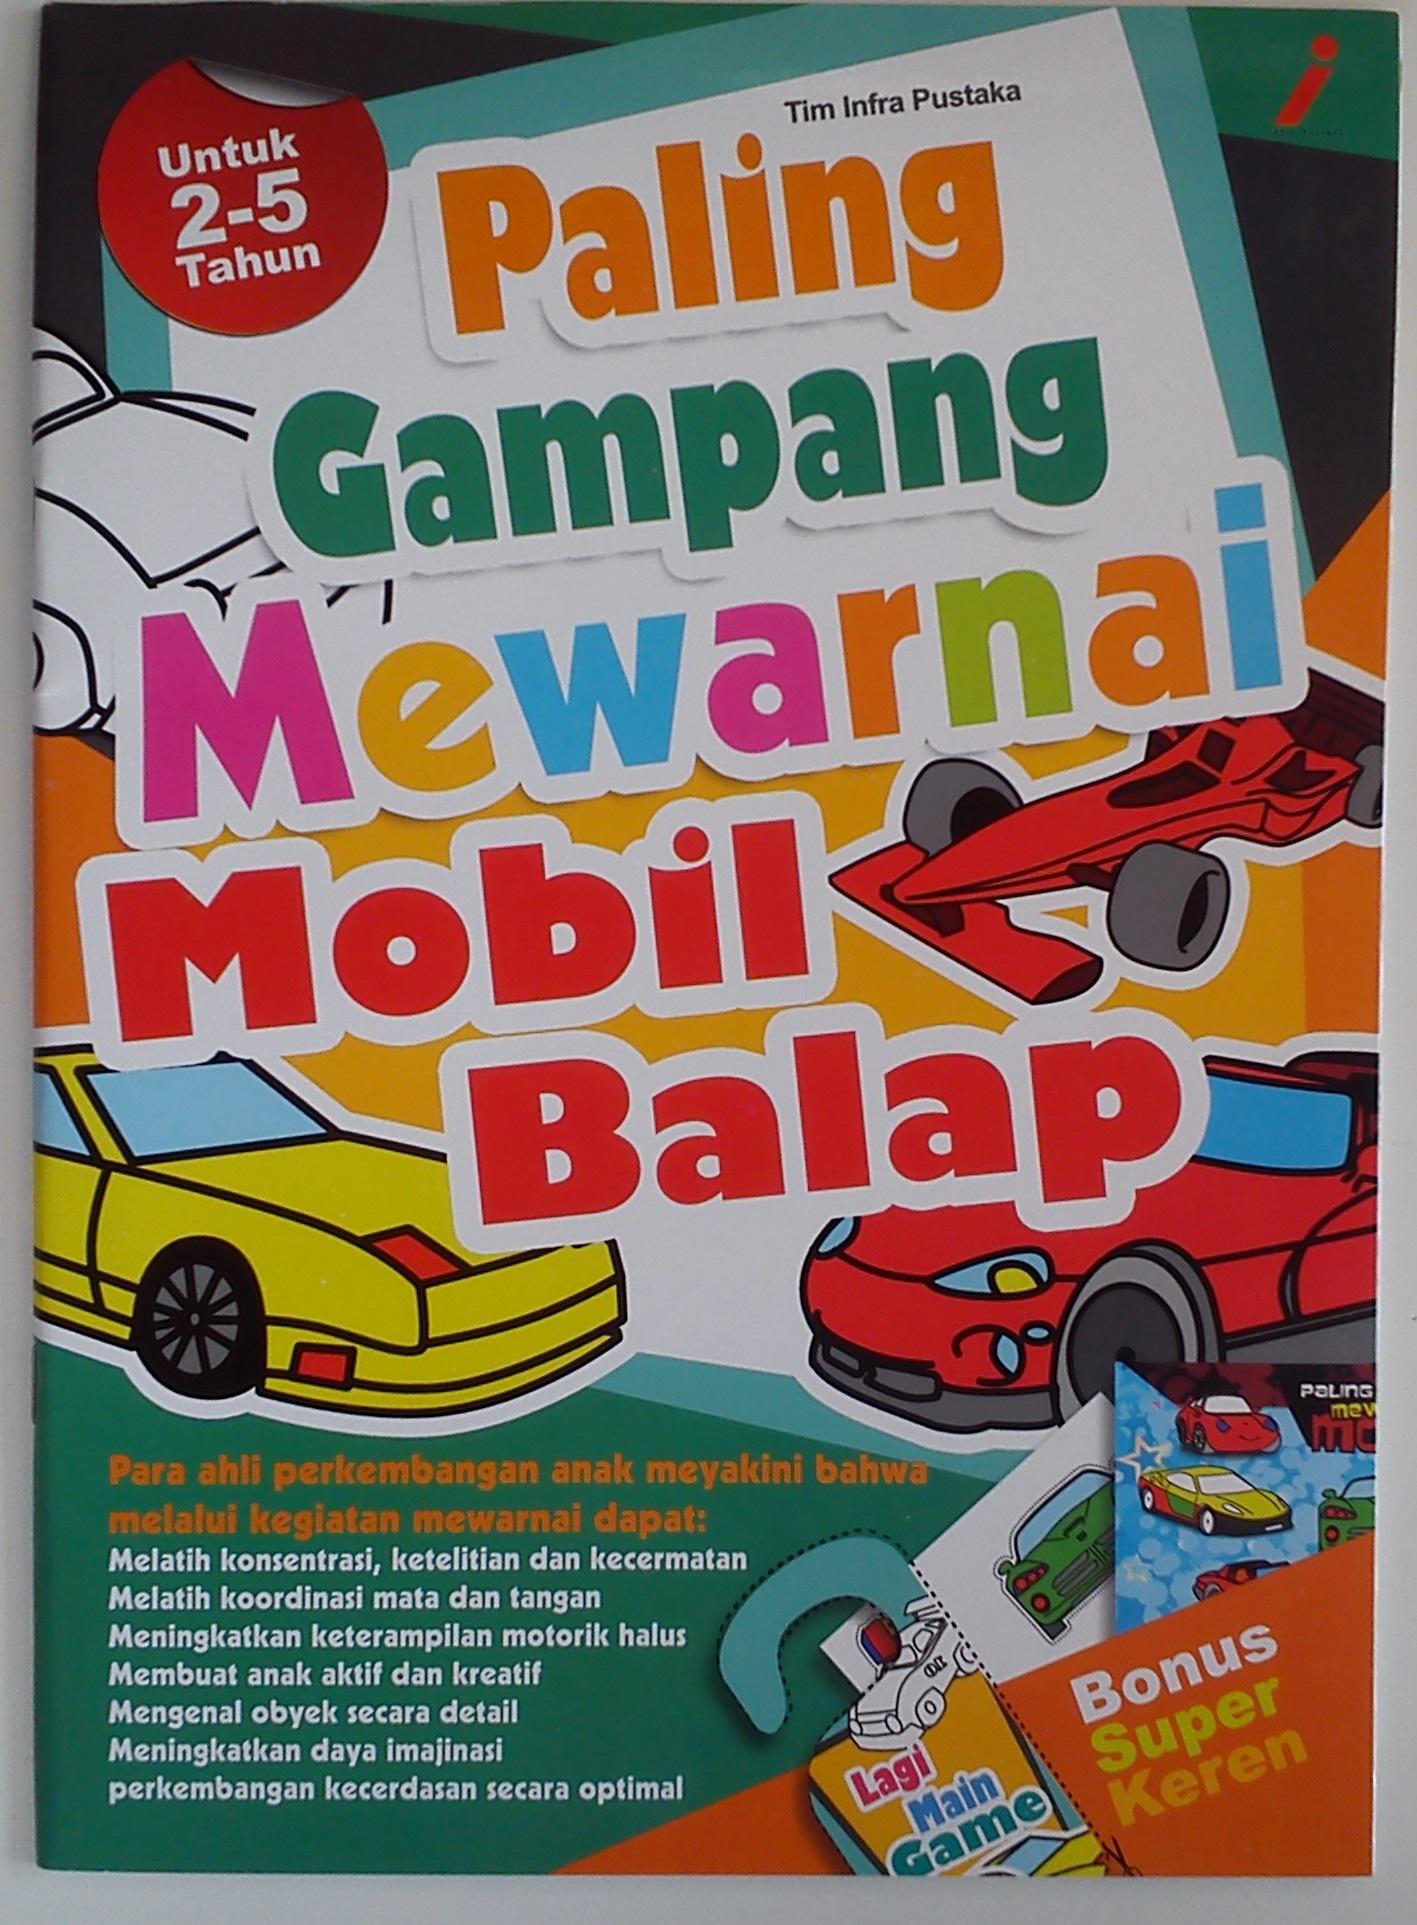 Jual Paling Gampang Mewarnai Mobil Balap Rumah Ferdi Tokopedia